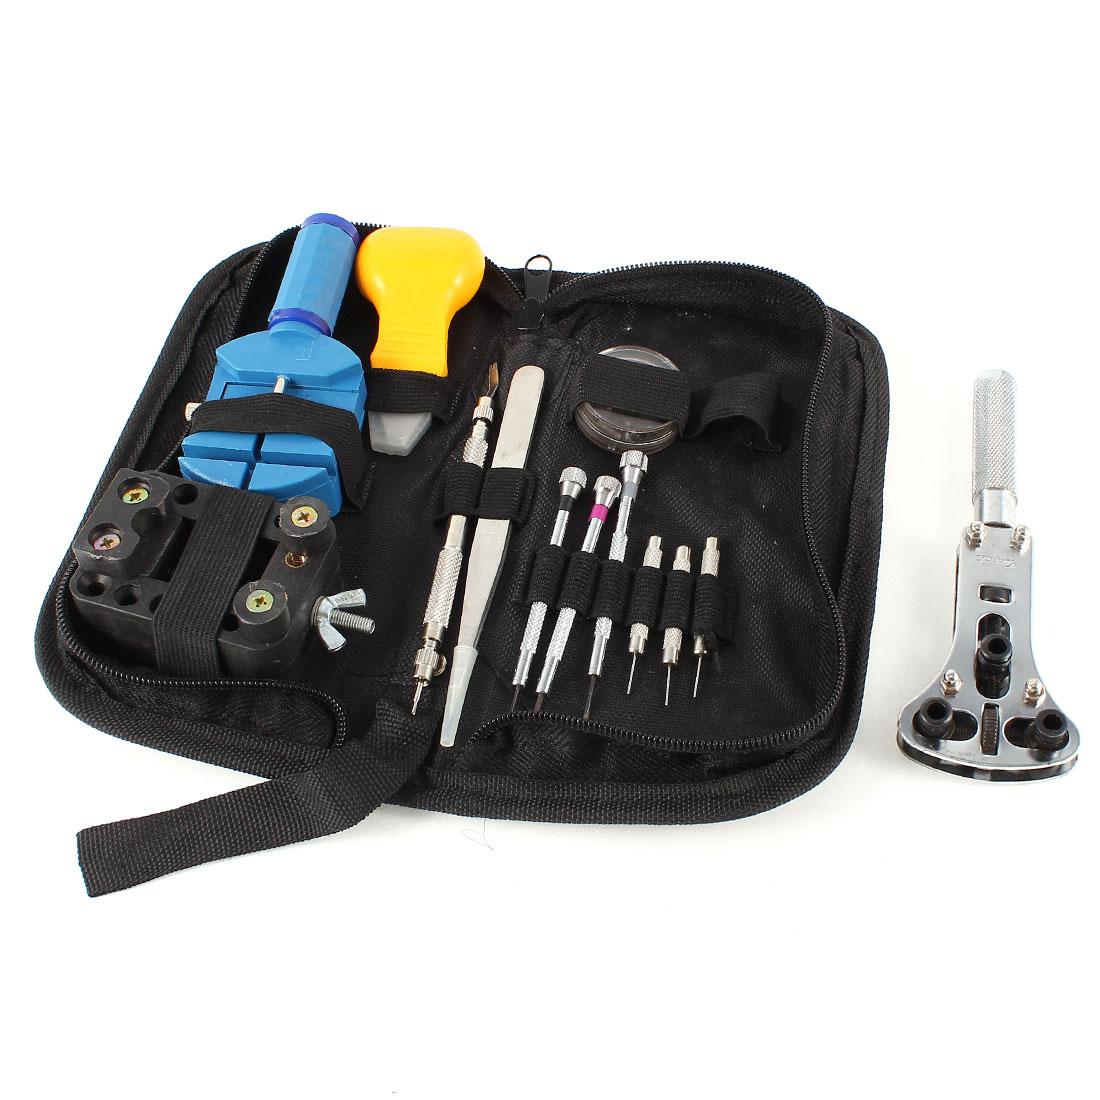 Watch Jewelry Repair Case Opener Screwdriver Tweezers Tools 13 in 1